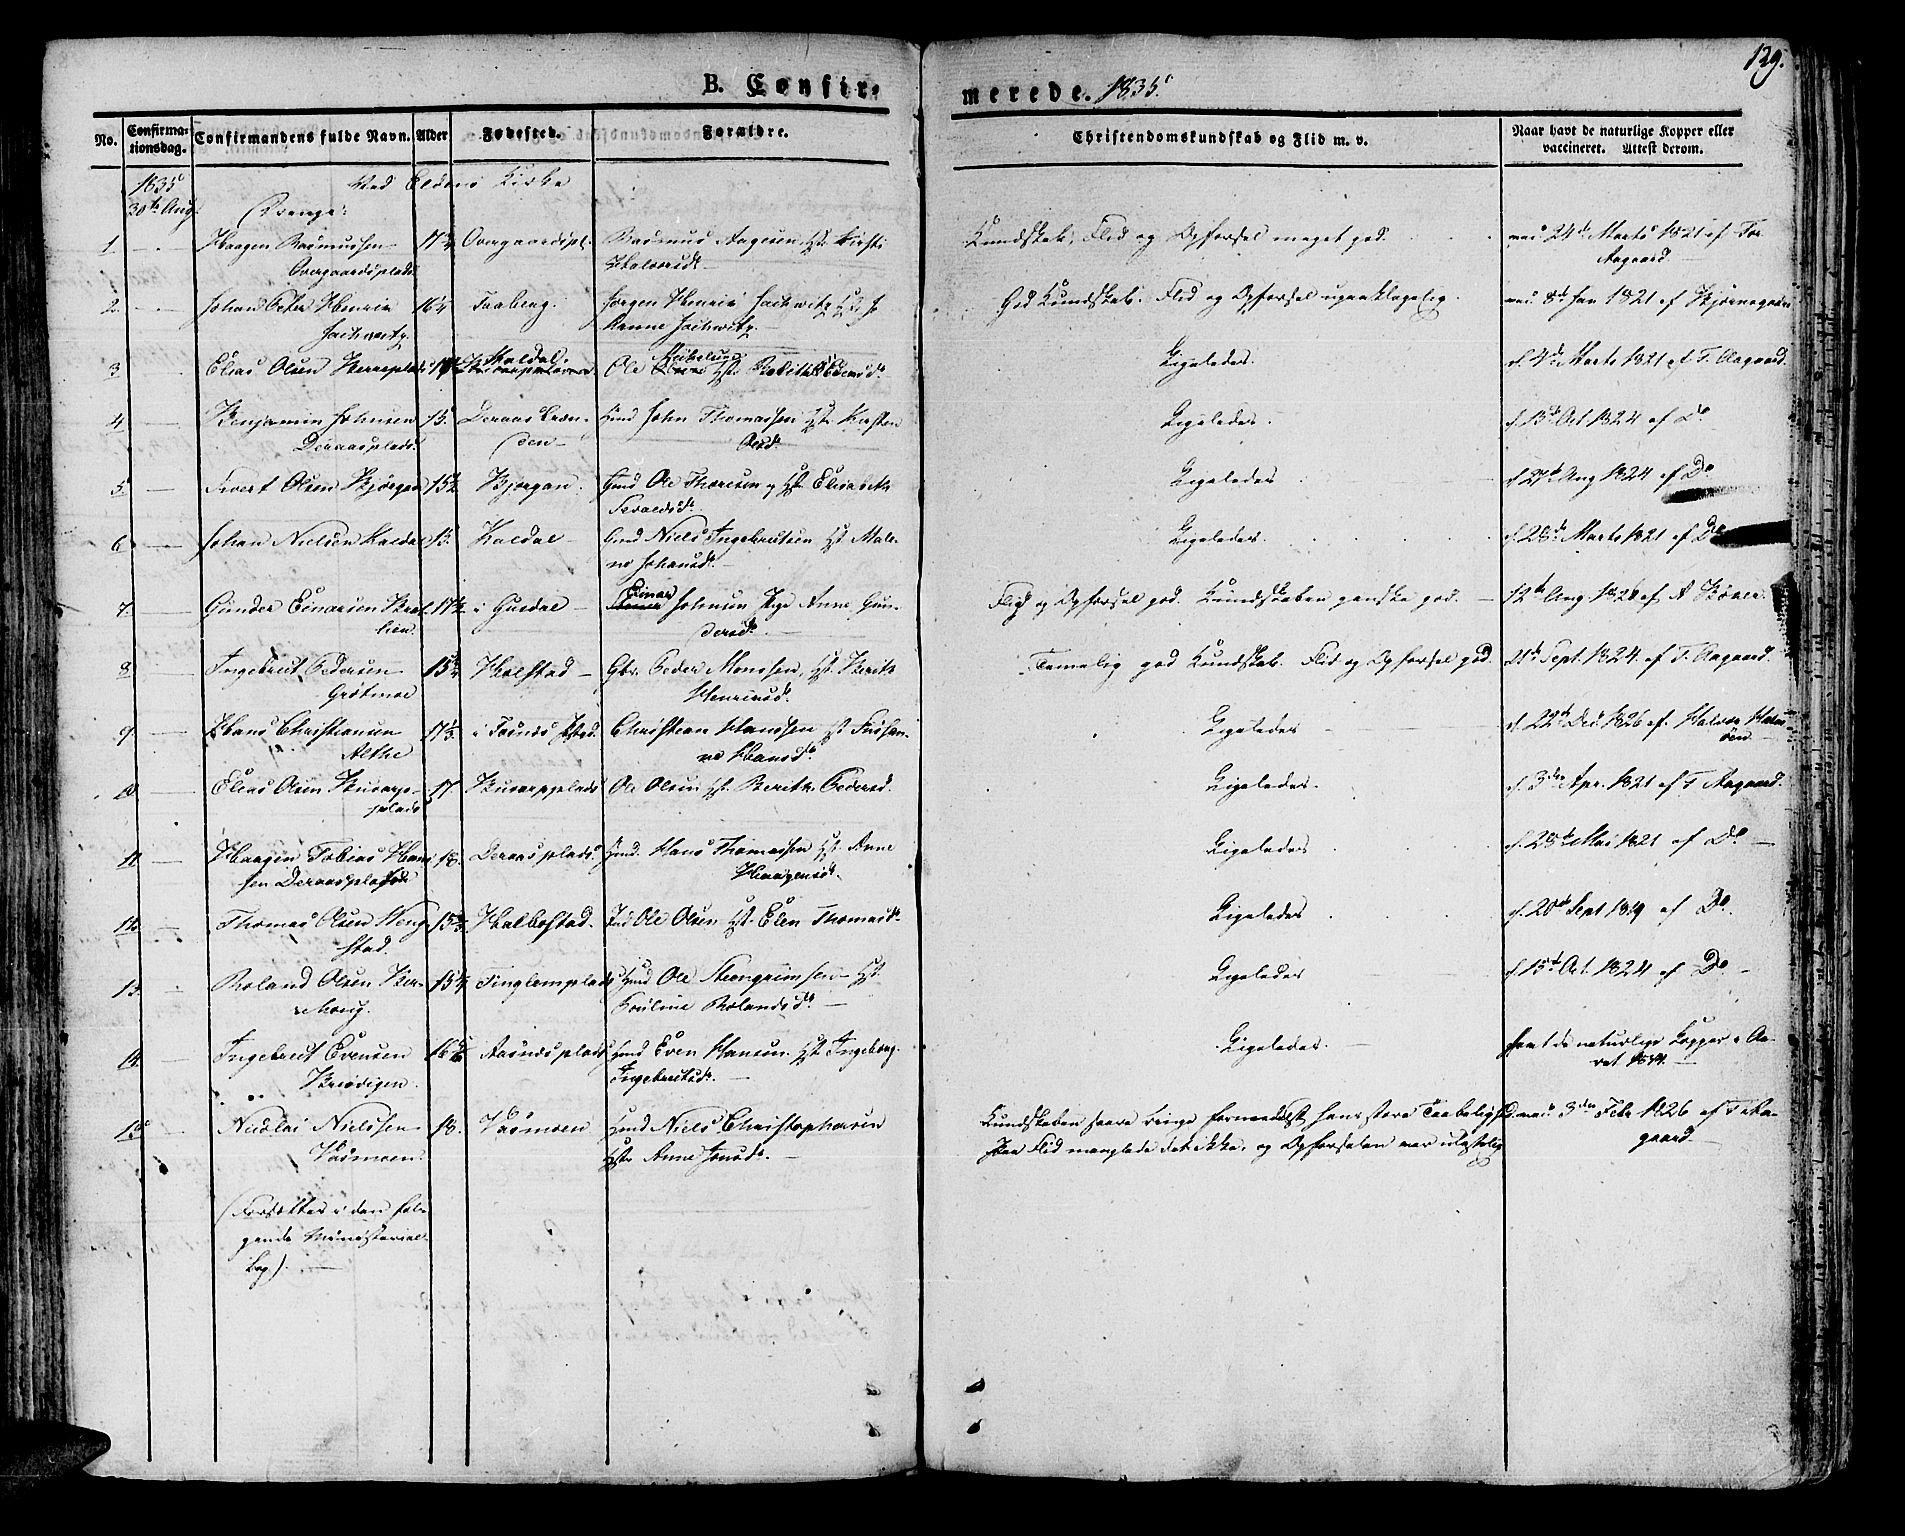 SAT, Ministerialprotokoller, klokkerbøker og fødselsregistre - Nord-Trøndelag, 741/L0390: Ministerialbok nr. 741A04, 1822-1836, s. 129